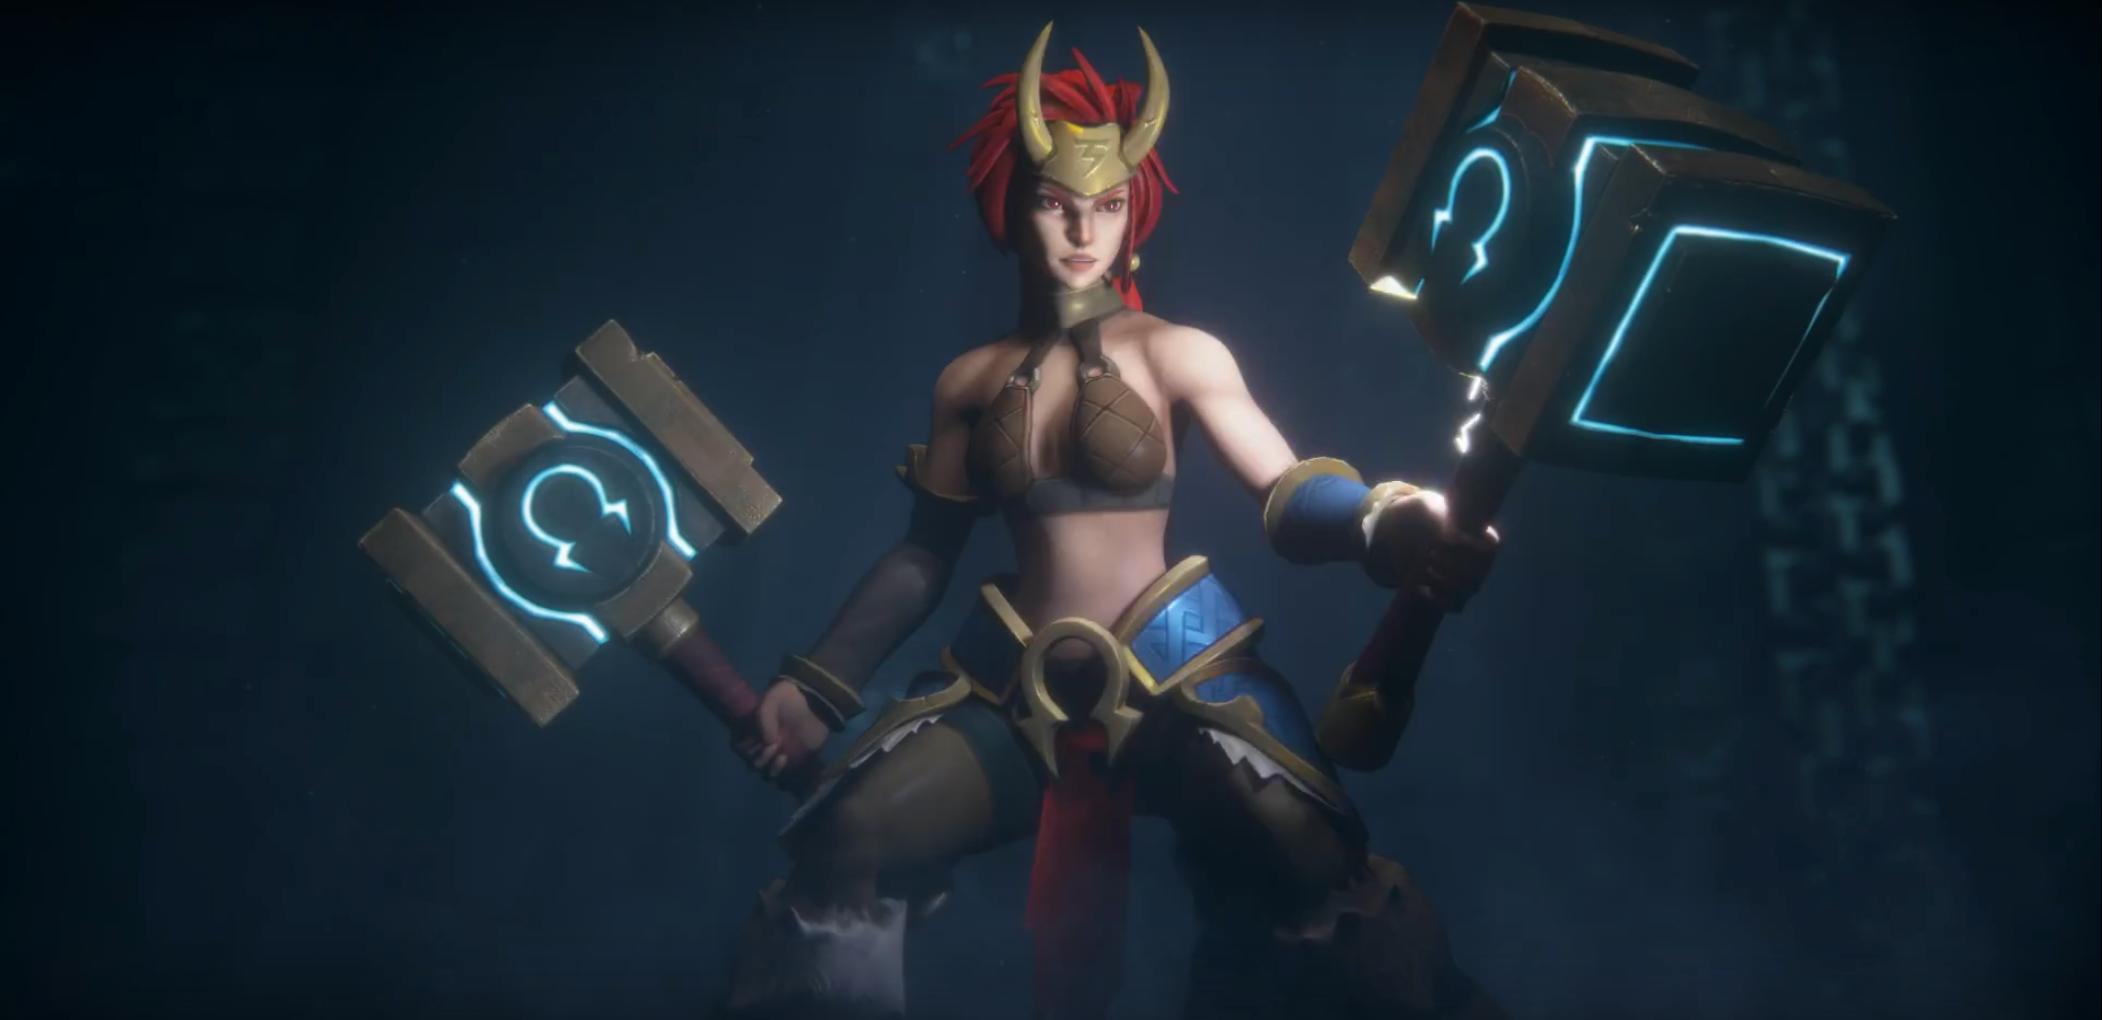 Battlerite: Der MOBA-Brawler mit Action-Garantie kriegt den 4. neuen Helden